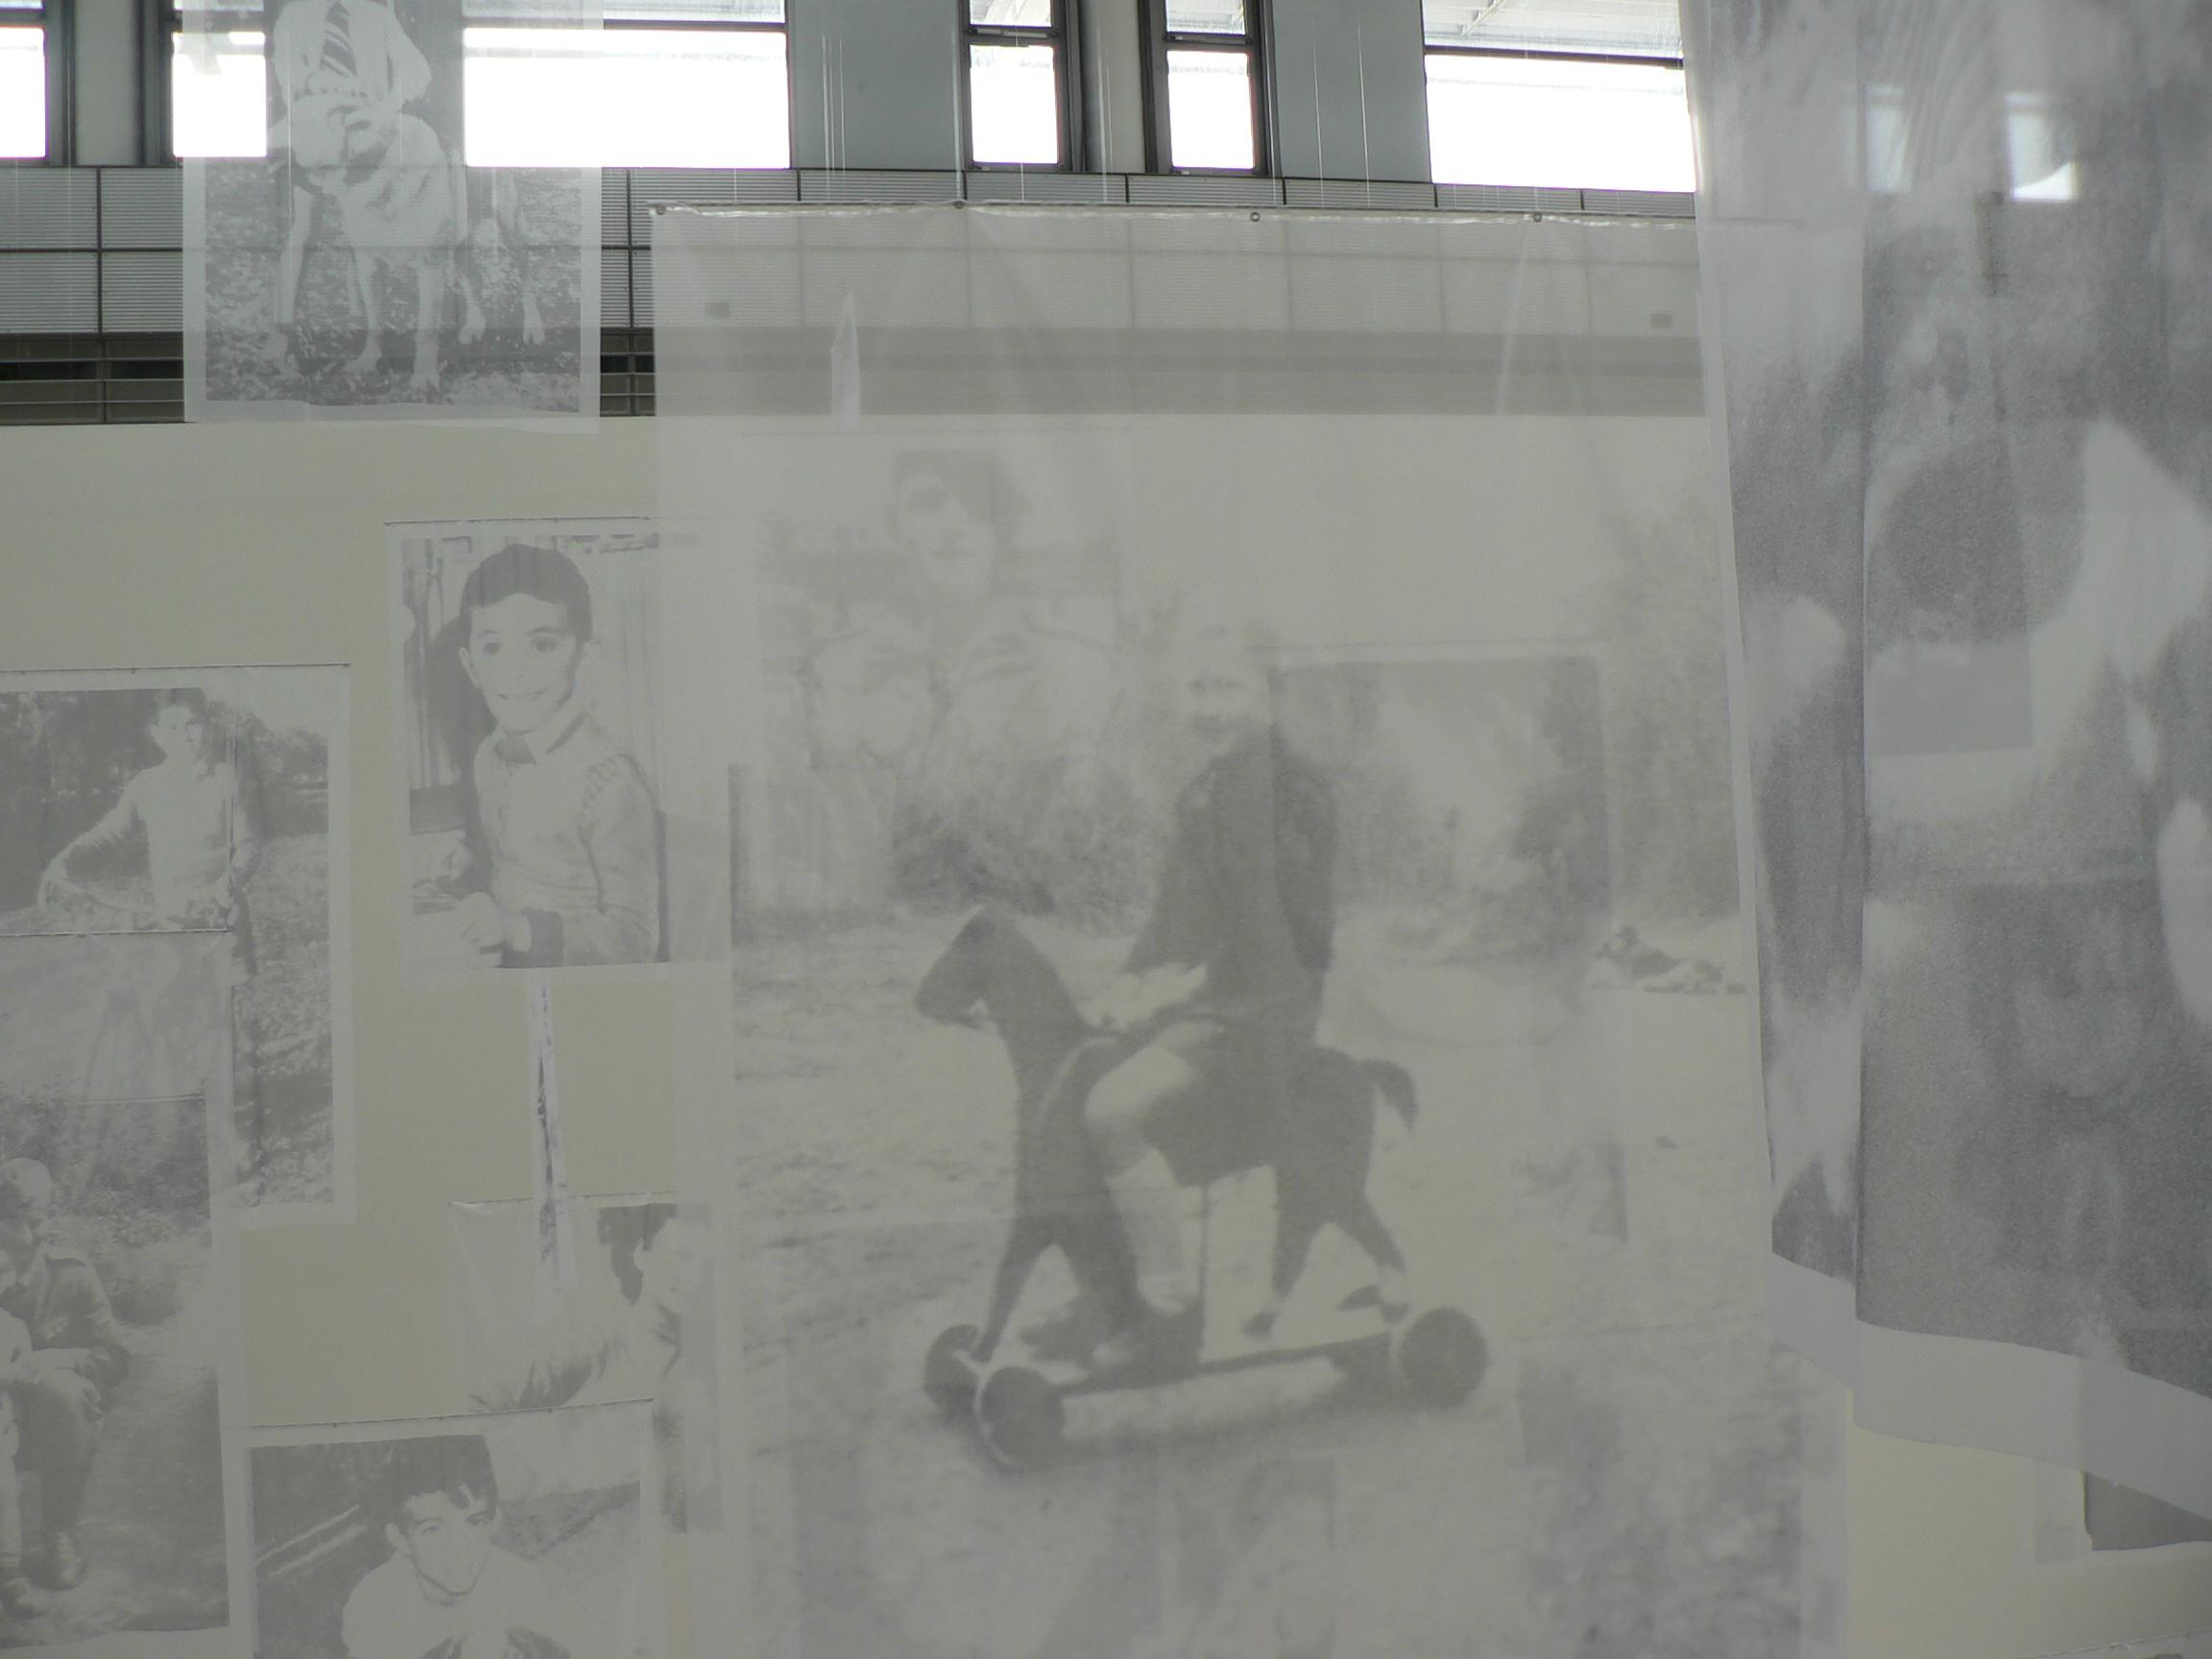 Christian Boltanski (6. September 1944 – 14. Juli 2021) in memoriam